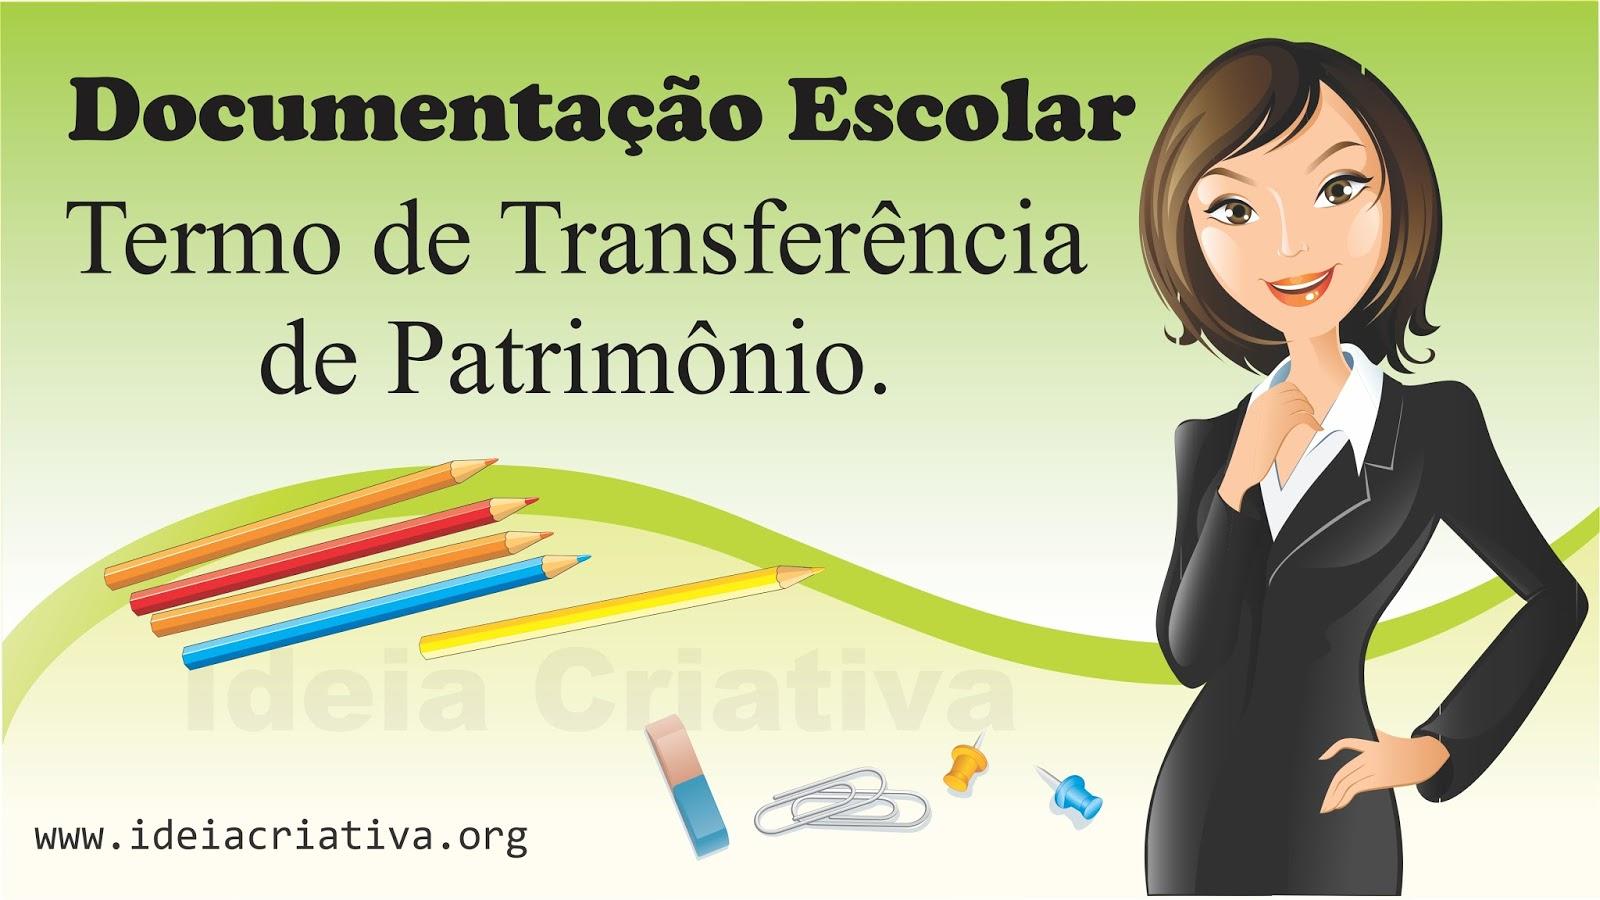 Termo de Transferência de Patrimônio Documentação Escolar.